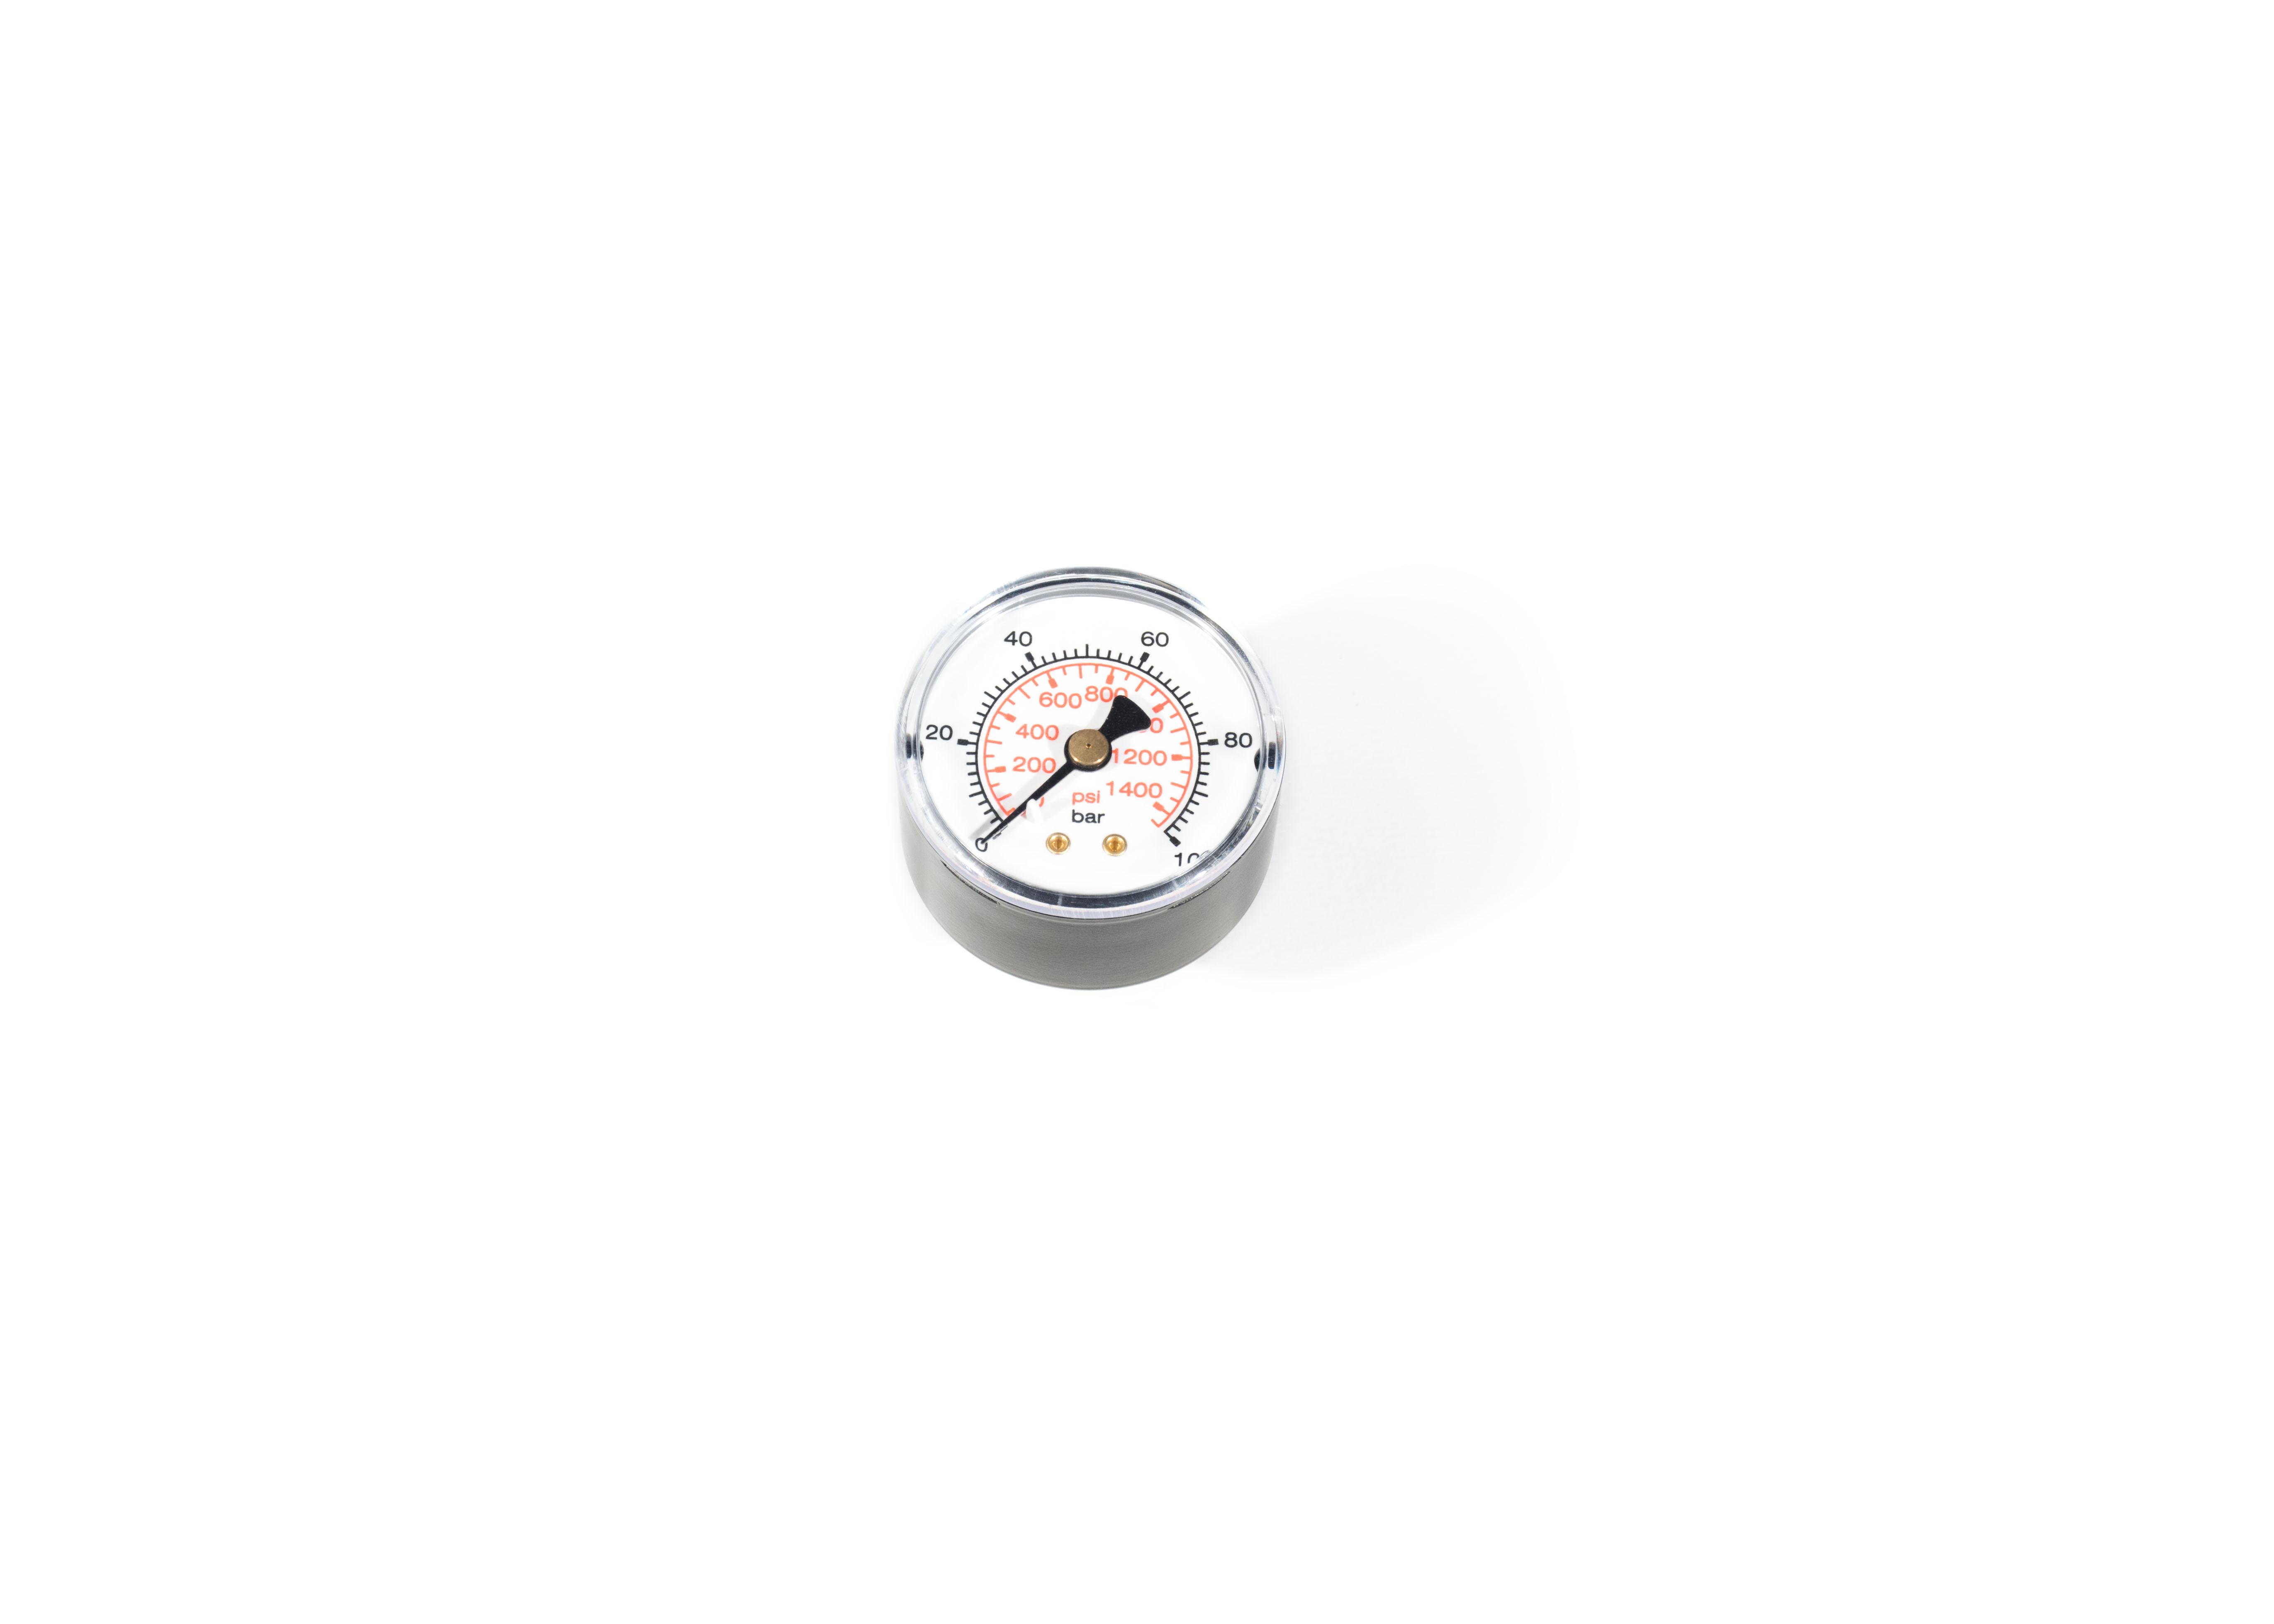 Axial Pressure Gauge OLS# 638270 Image